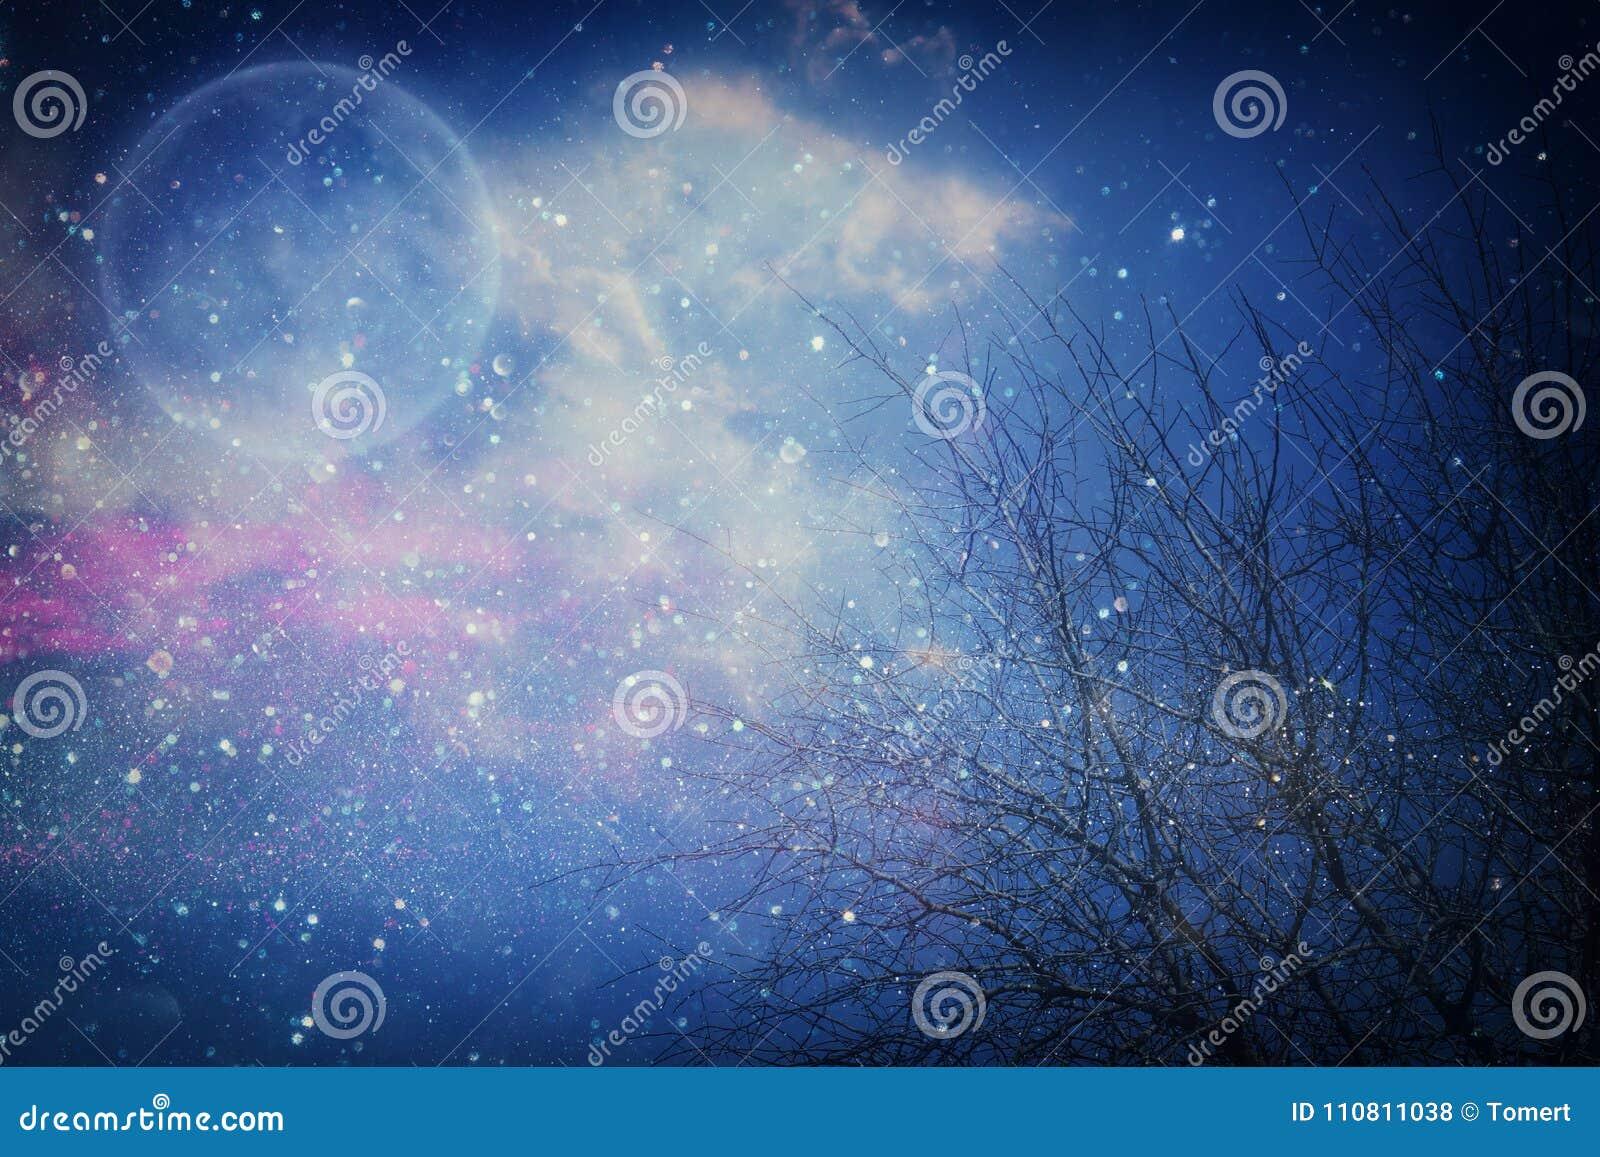 Υπερφυσική έννοια φαντασίας - η πανσέληνος με τα αστέρια ακτινοβολεί στο υπόβαθρο νυχτερινών ουρανών